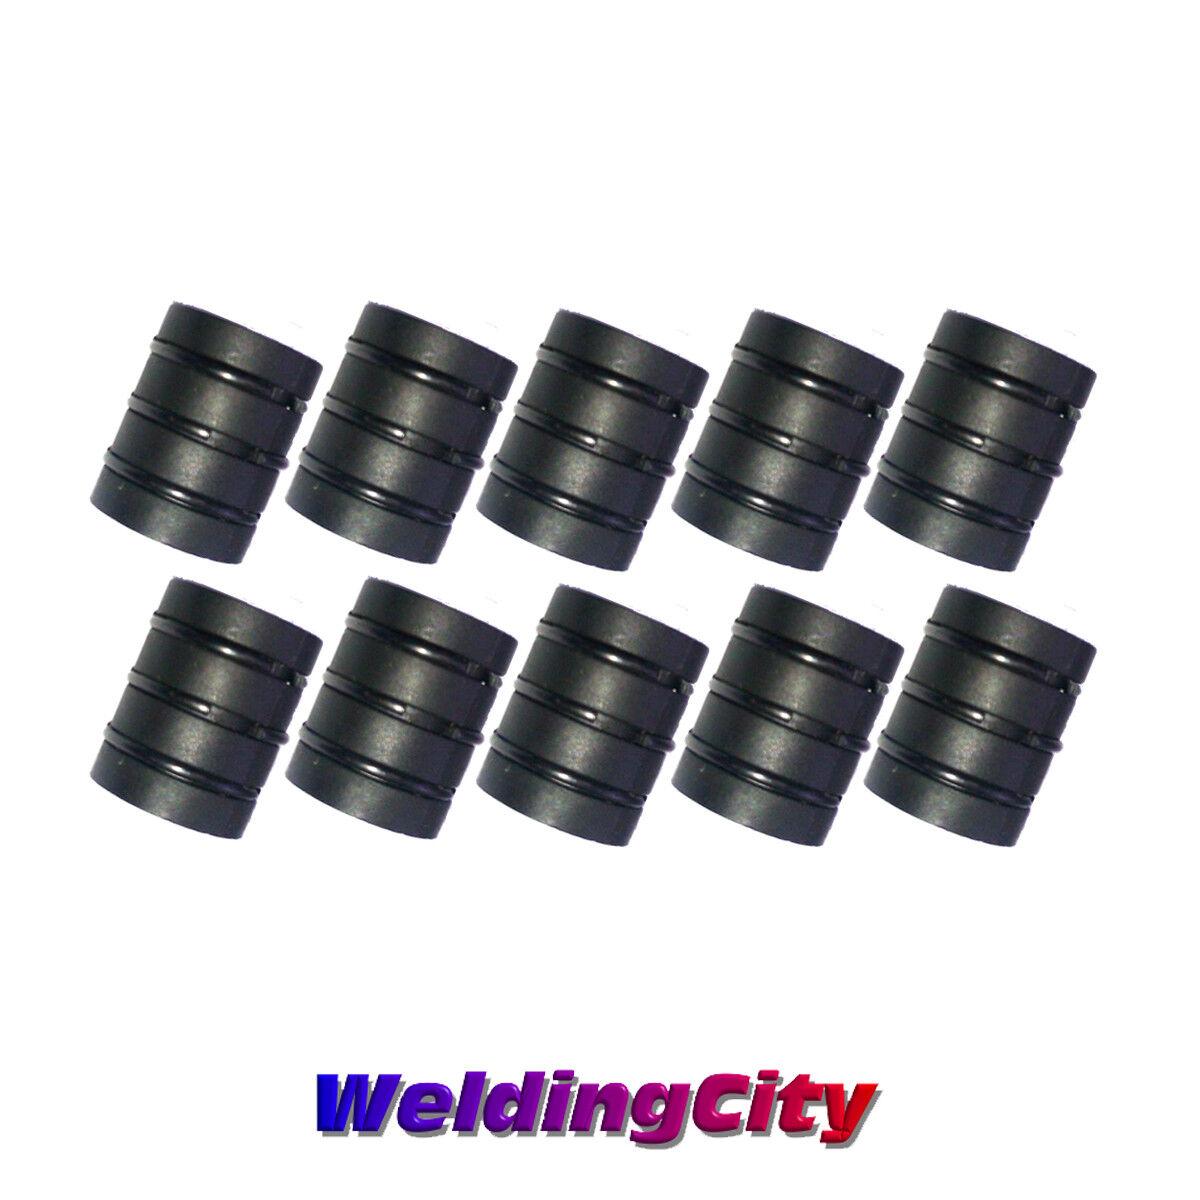 WeldingCity® 10 MIG Welding Gun Nozzle Insulators 34A for ...